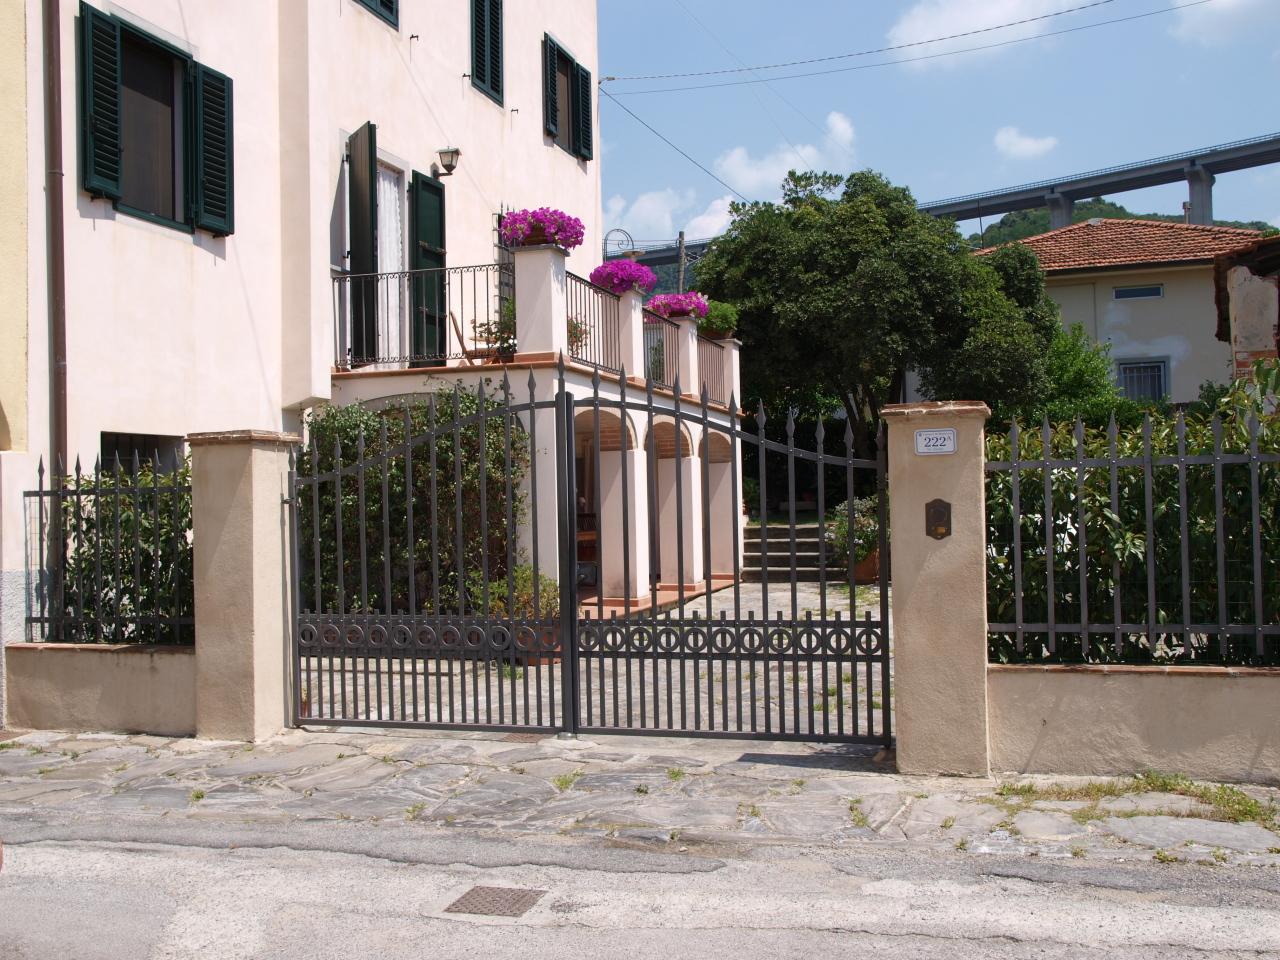 Rustico / Casale in vendita a Massarosa, 7 locali, prezzo € 370.000 | CambioCasa.it